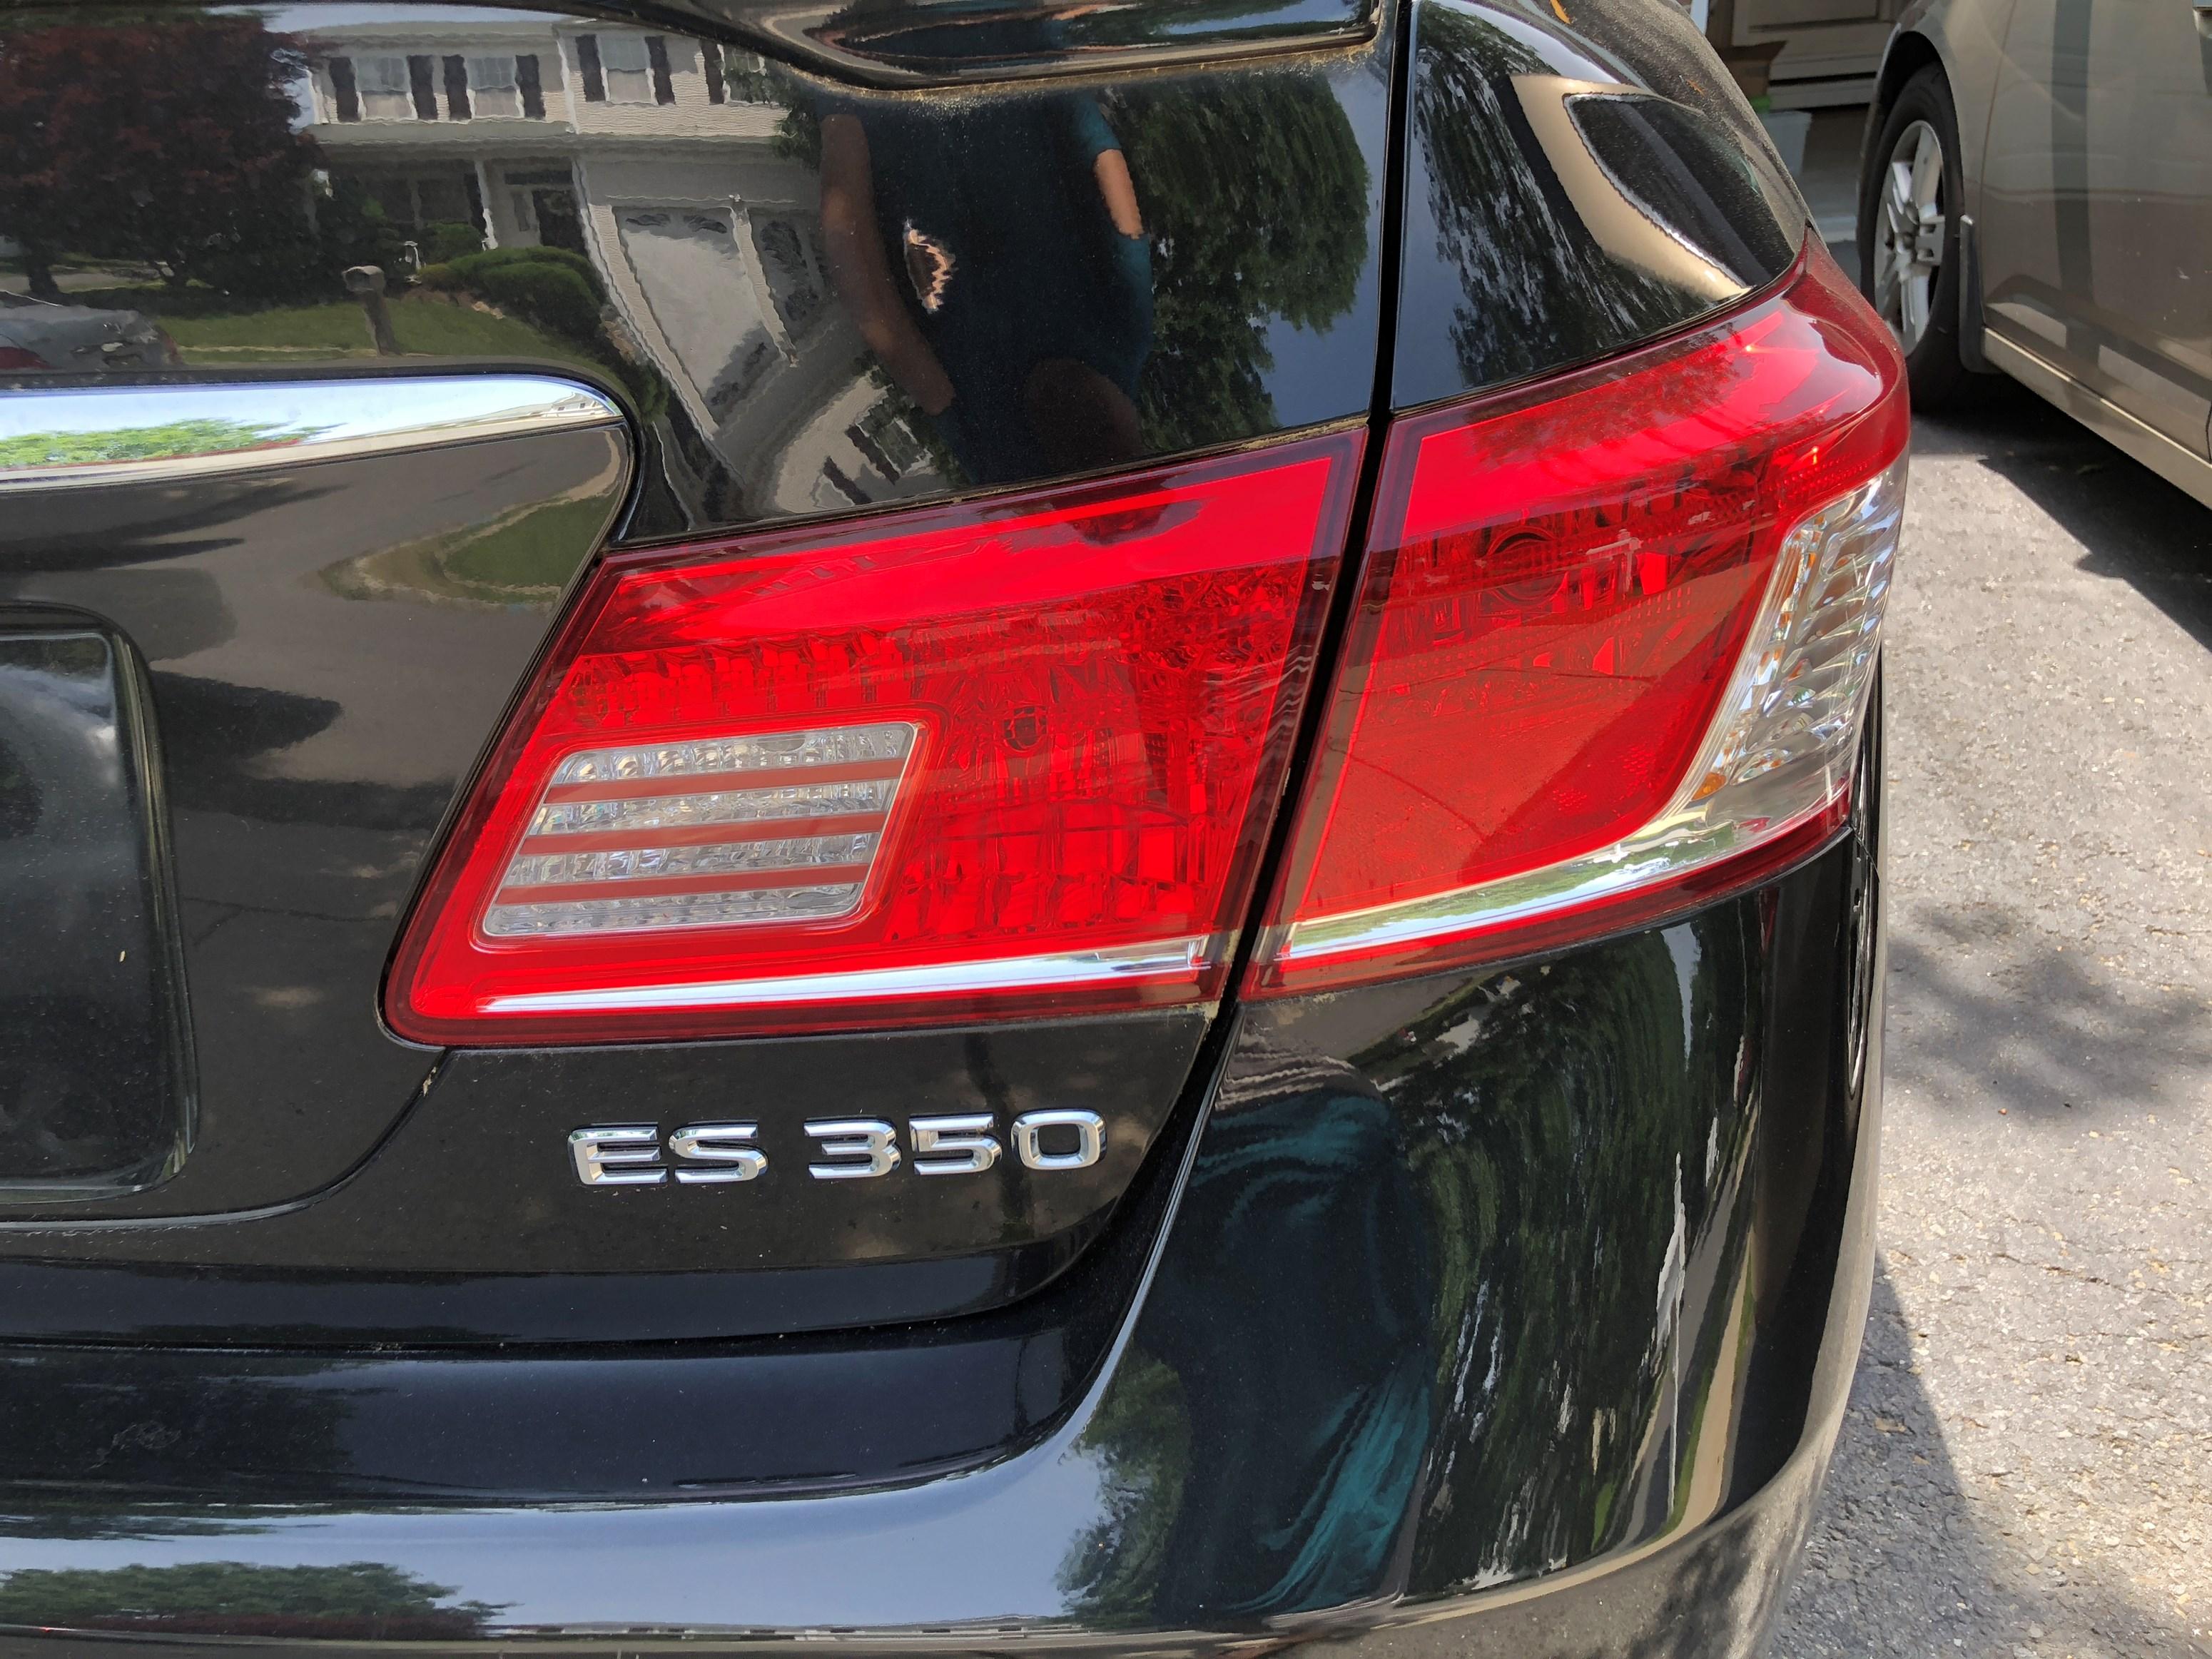 rx unique free nissan of in for used sale oh boardman brochure years warranty lexus s powertrain sentra